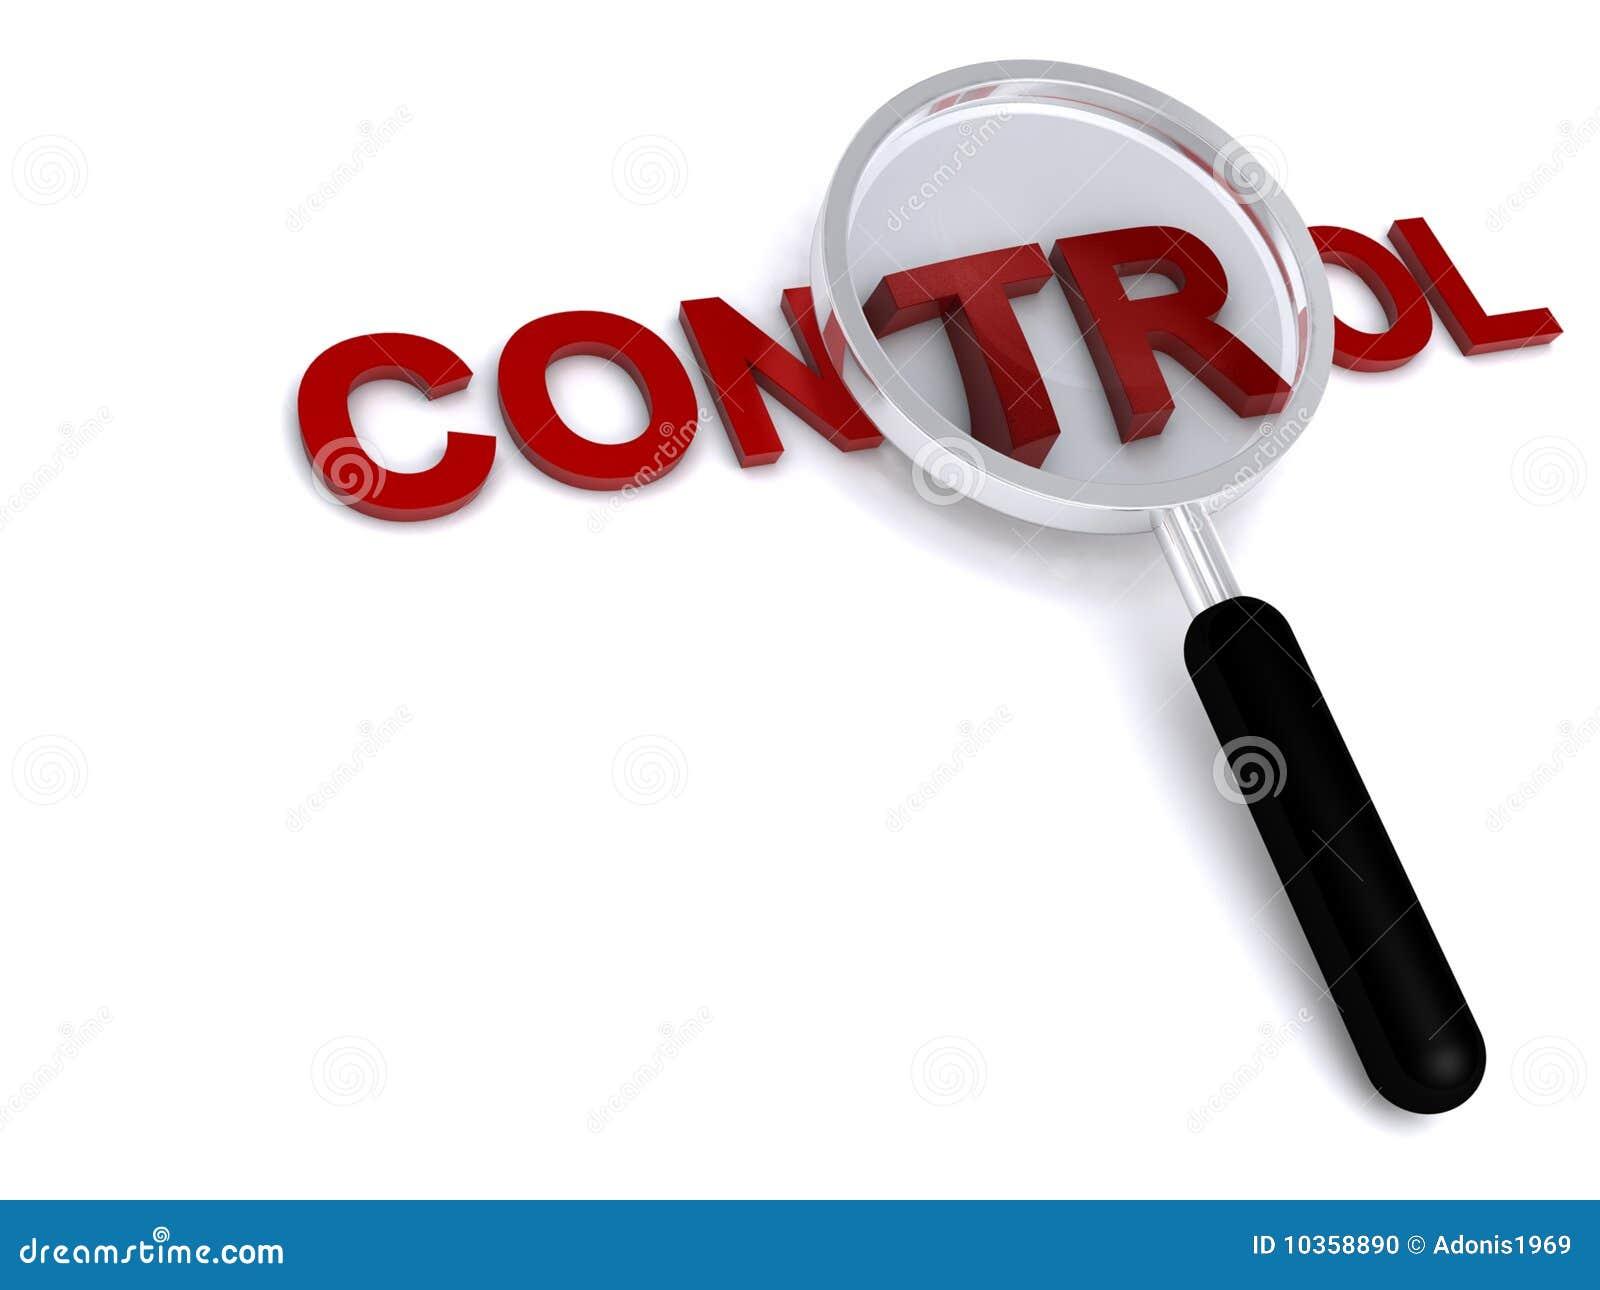 """Résultat de recherche d'images pour """"image controle"""""""